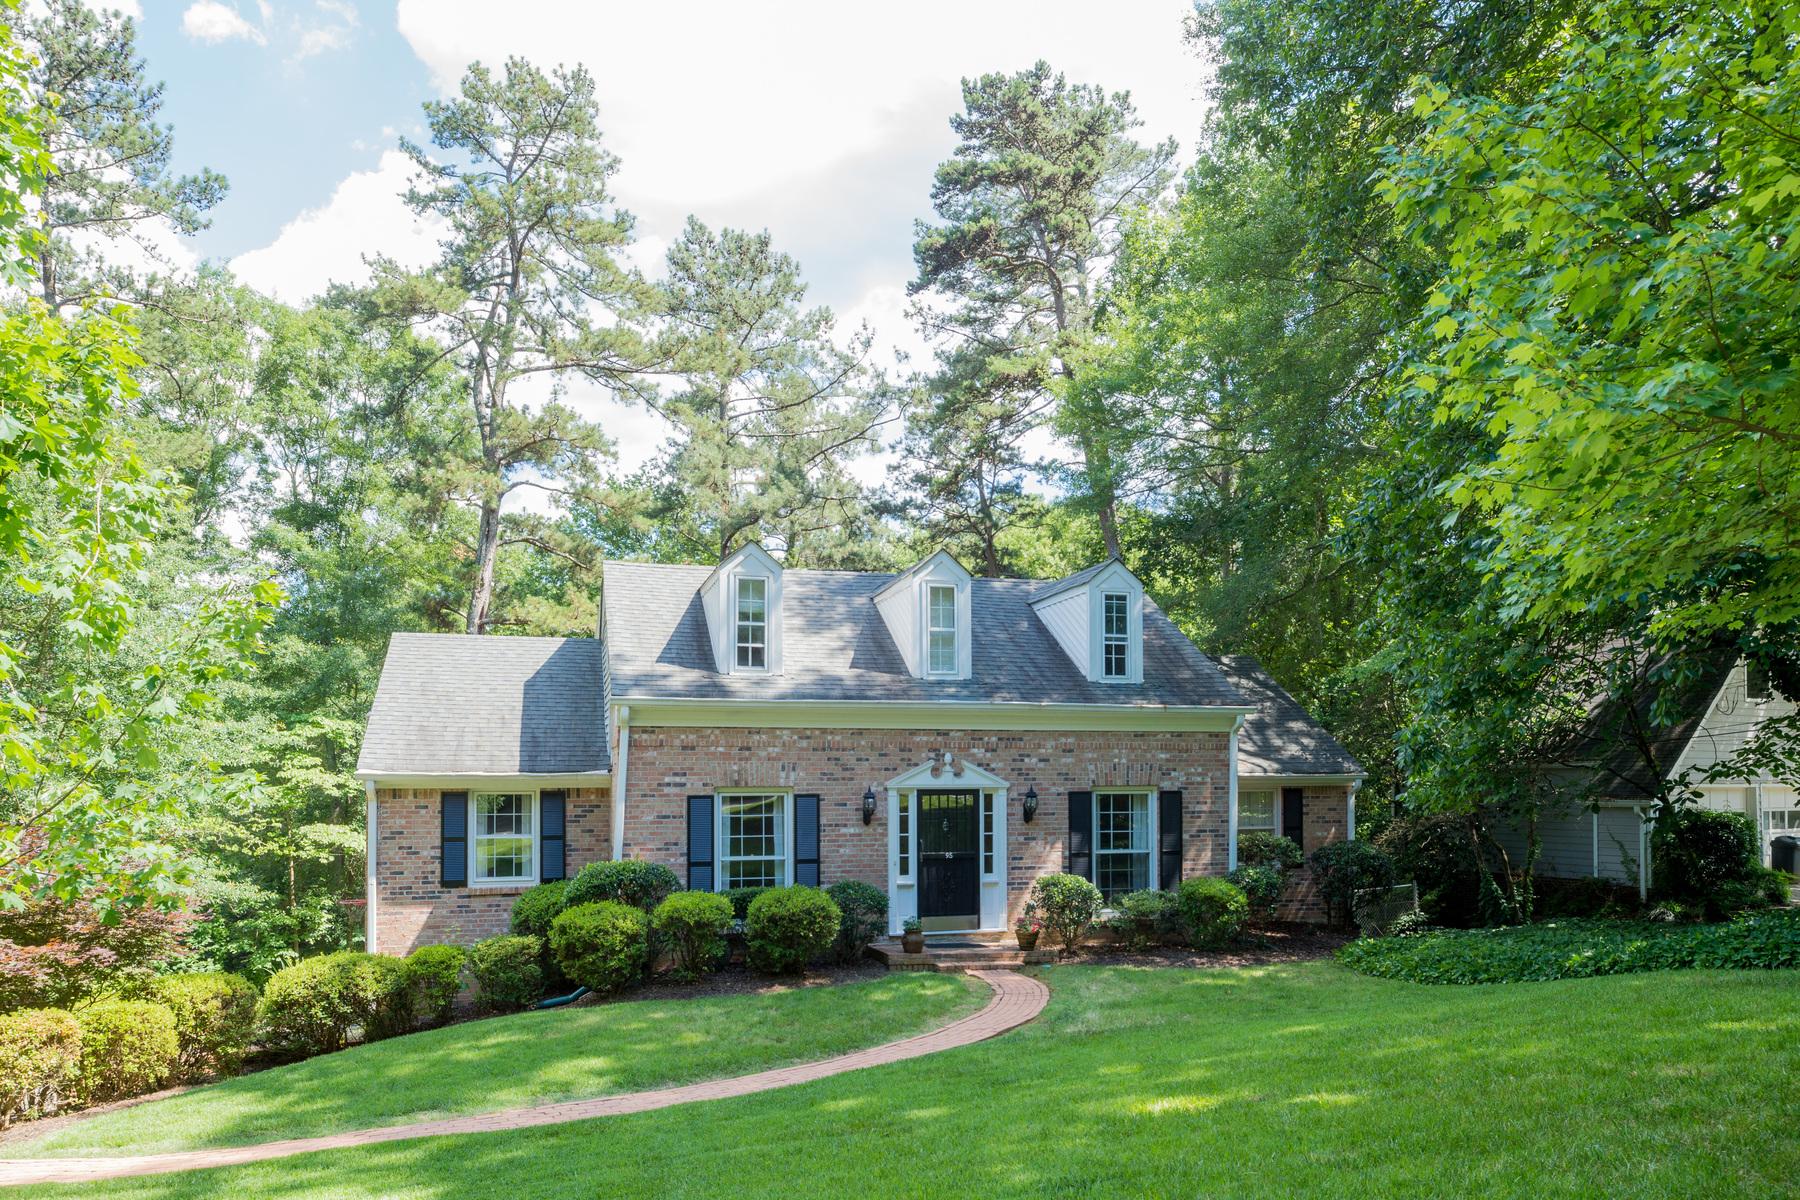 Maison unifamiliale pour l Vente à Stunning Remodel in Heart of Sandy Springs 95 Brandon Ridge Drive Sandy Springs, Atlanta, Georgia, 30328 États-Unis